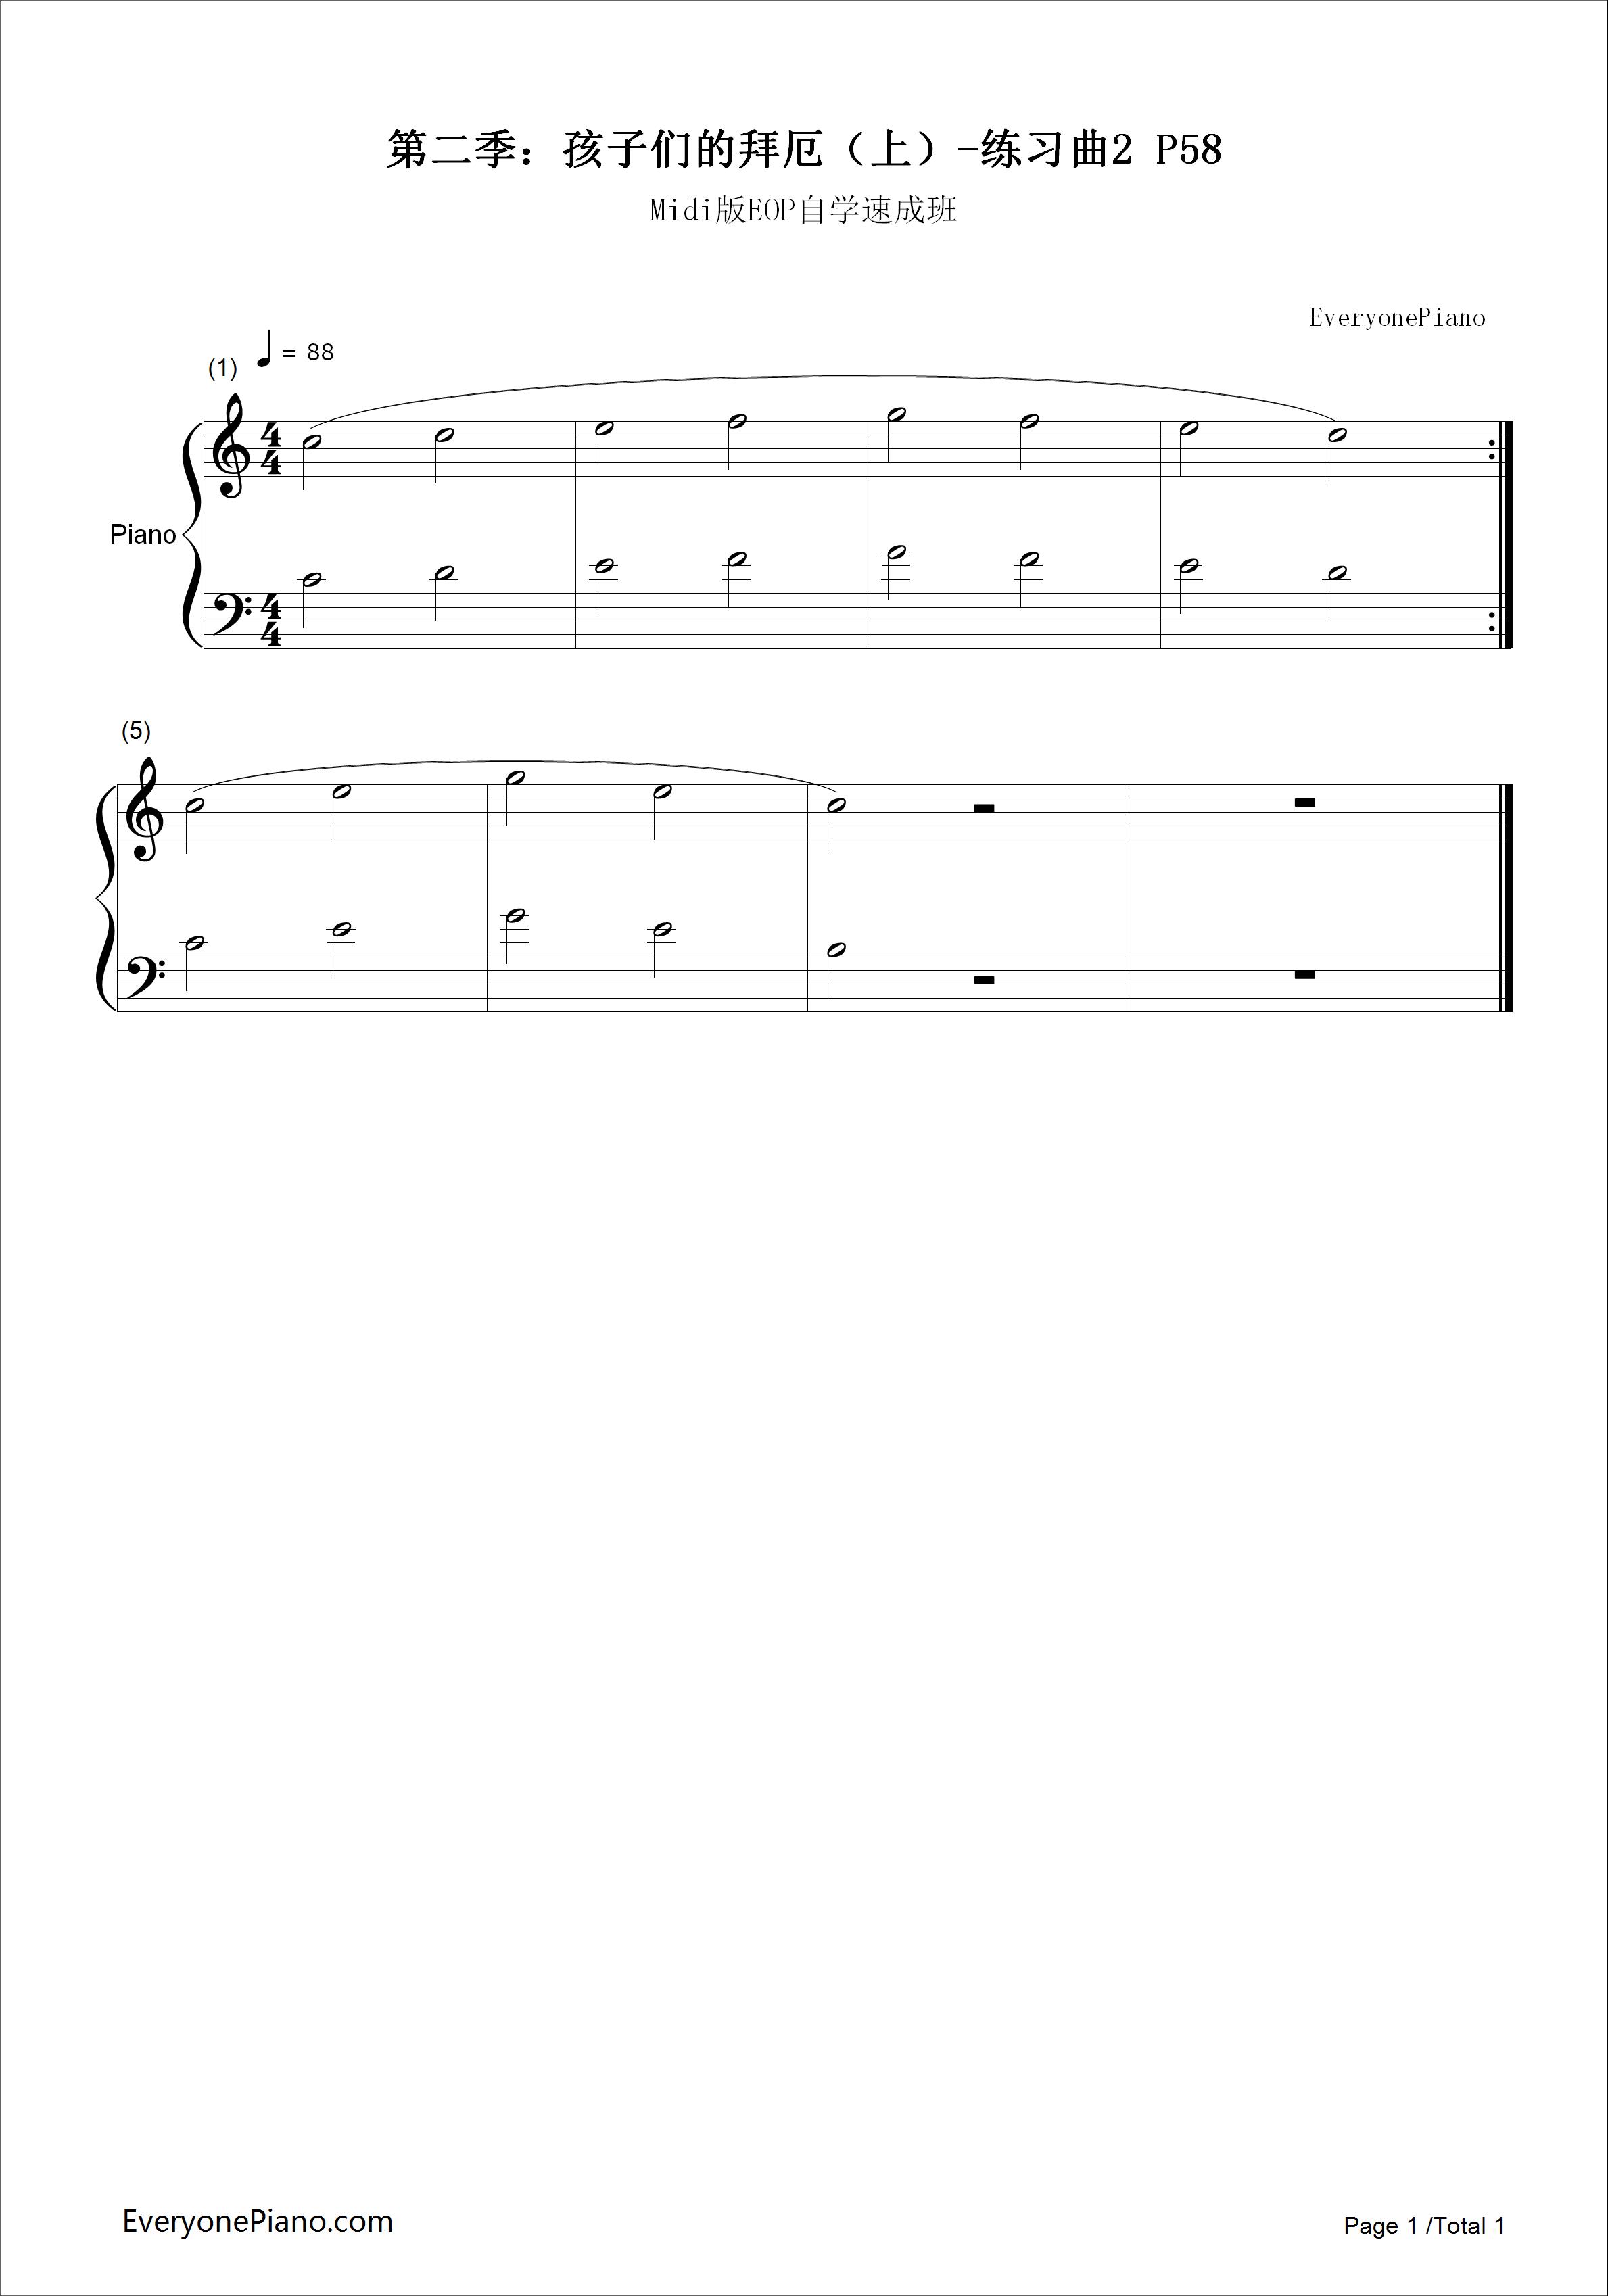 钢琴曲谱 练习曲 孩子们的拜厄02 孩子们的拜厄02五线谱预览1  }